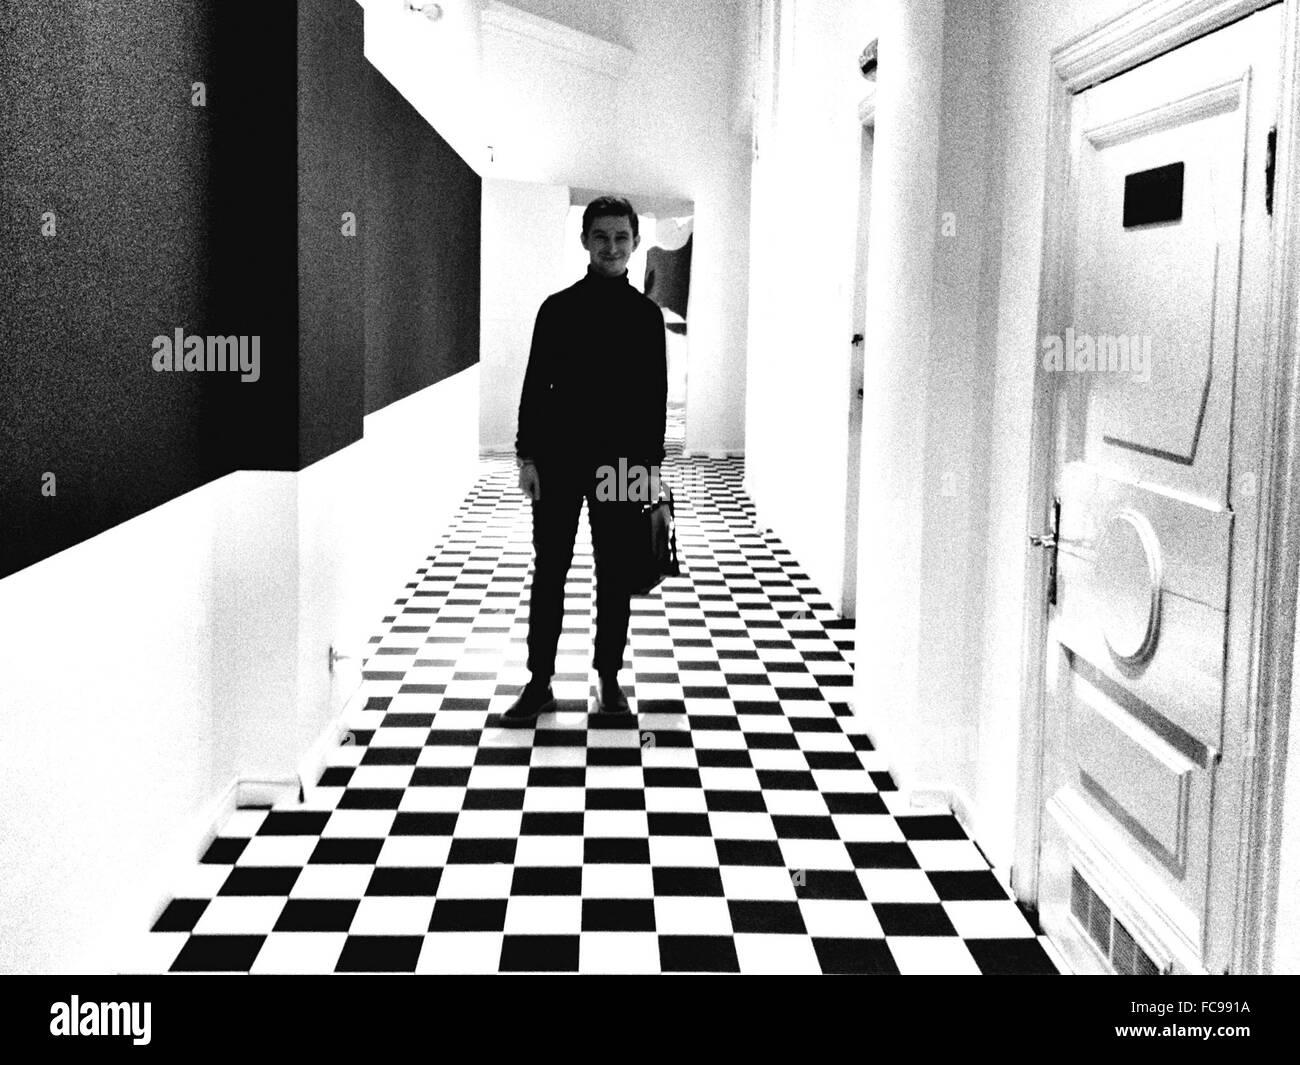 Longitud total de sonriente Hombre de pie en el pasillo Imagen De Stock